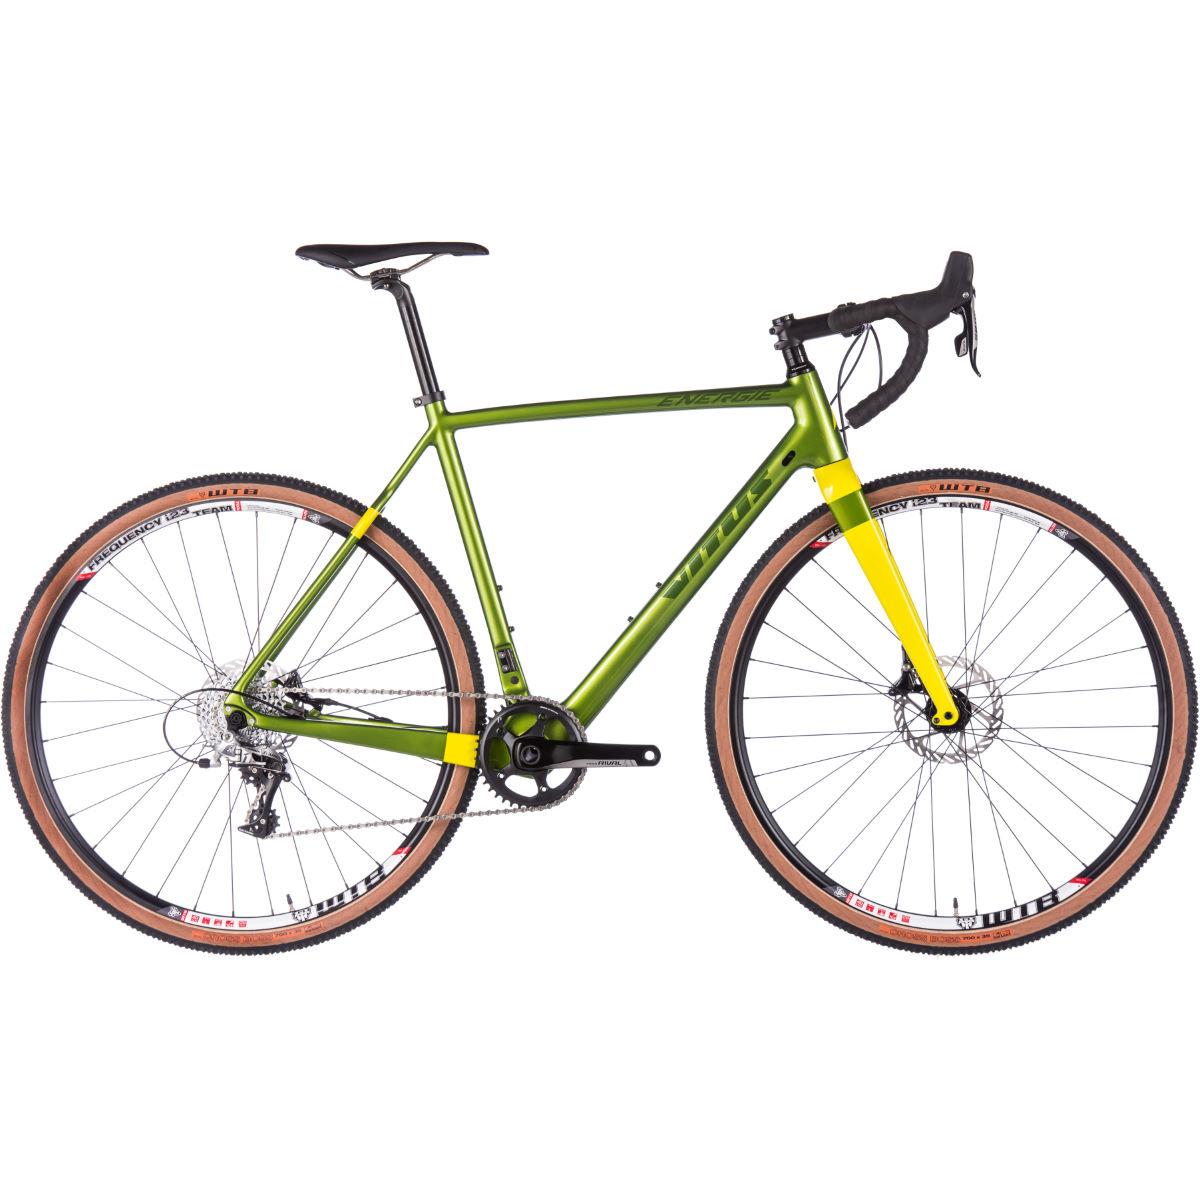 Vitus Energie Carbon CR CX Rival 1x11 Bikes